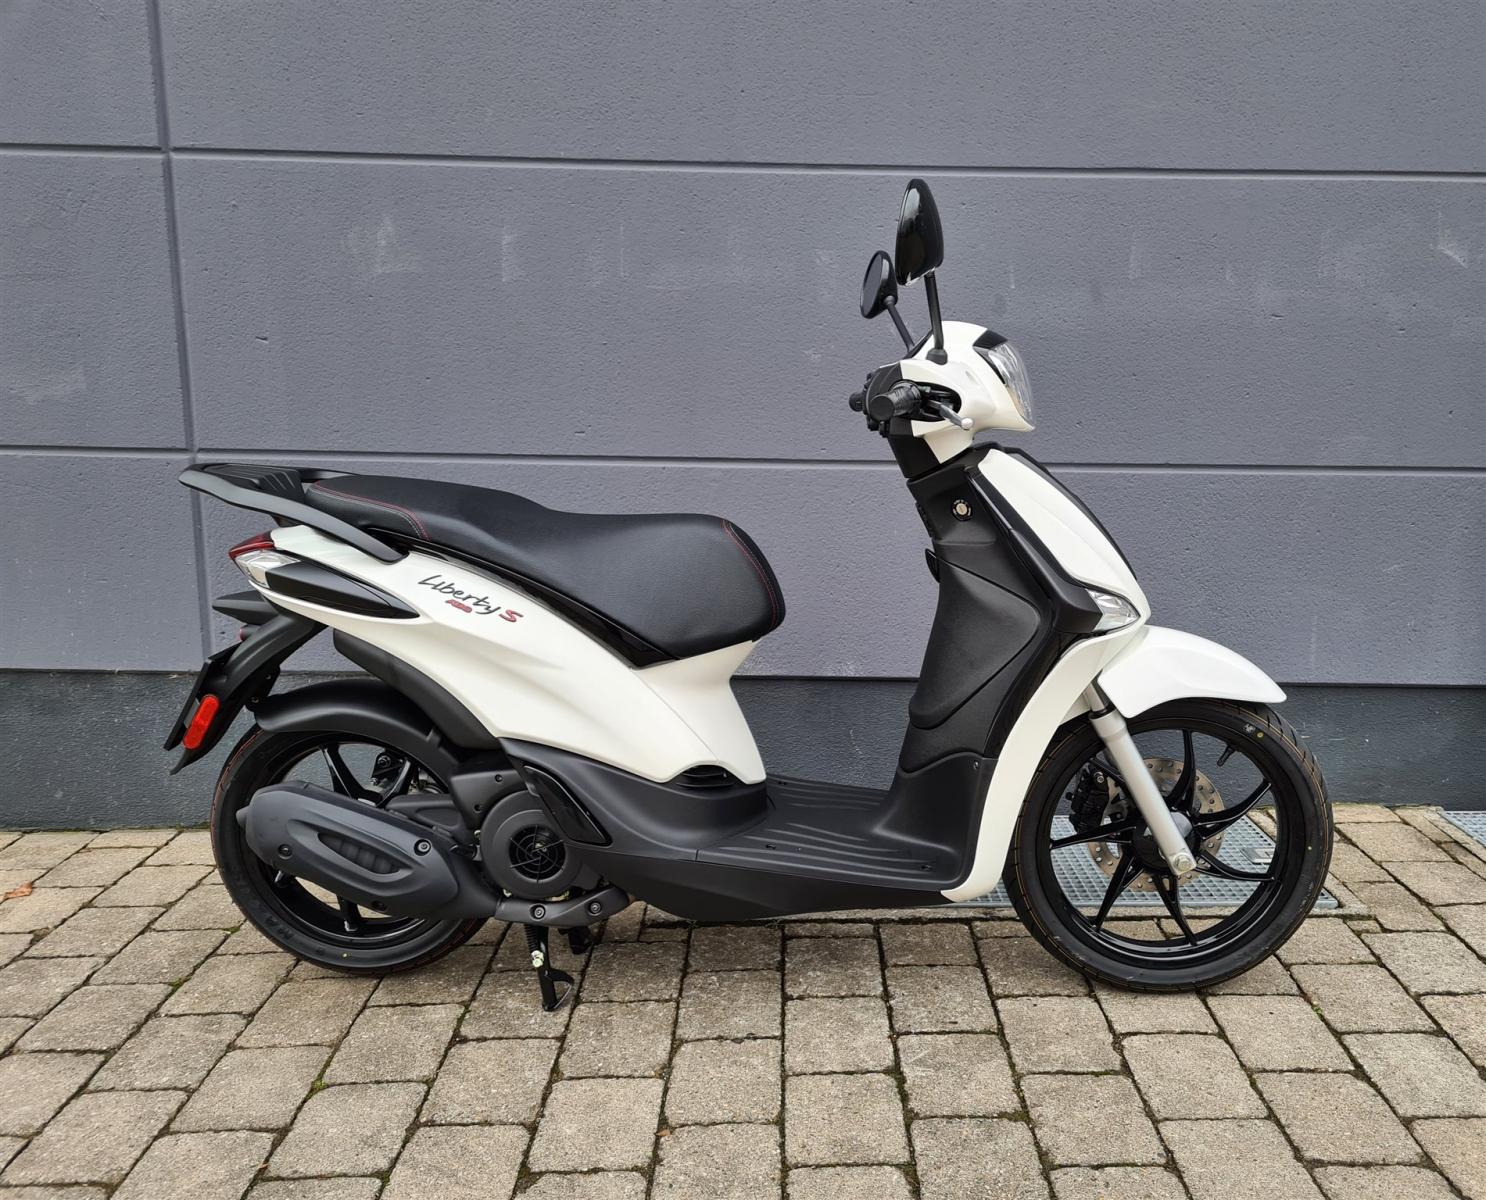 Piaggio Liberty 125 IGET 4t 3V Sport, Model 2021 !!! Euro 5 !!!